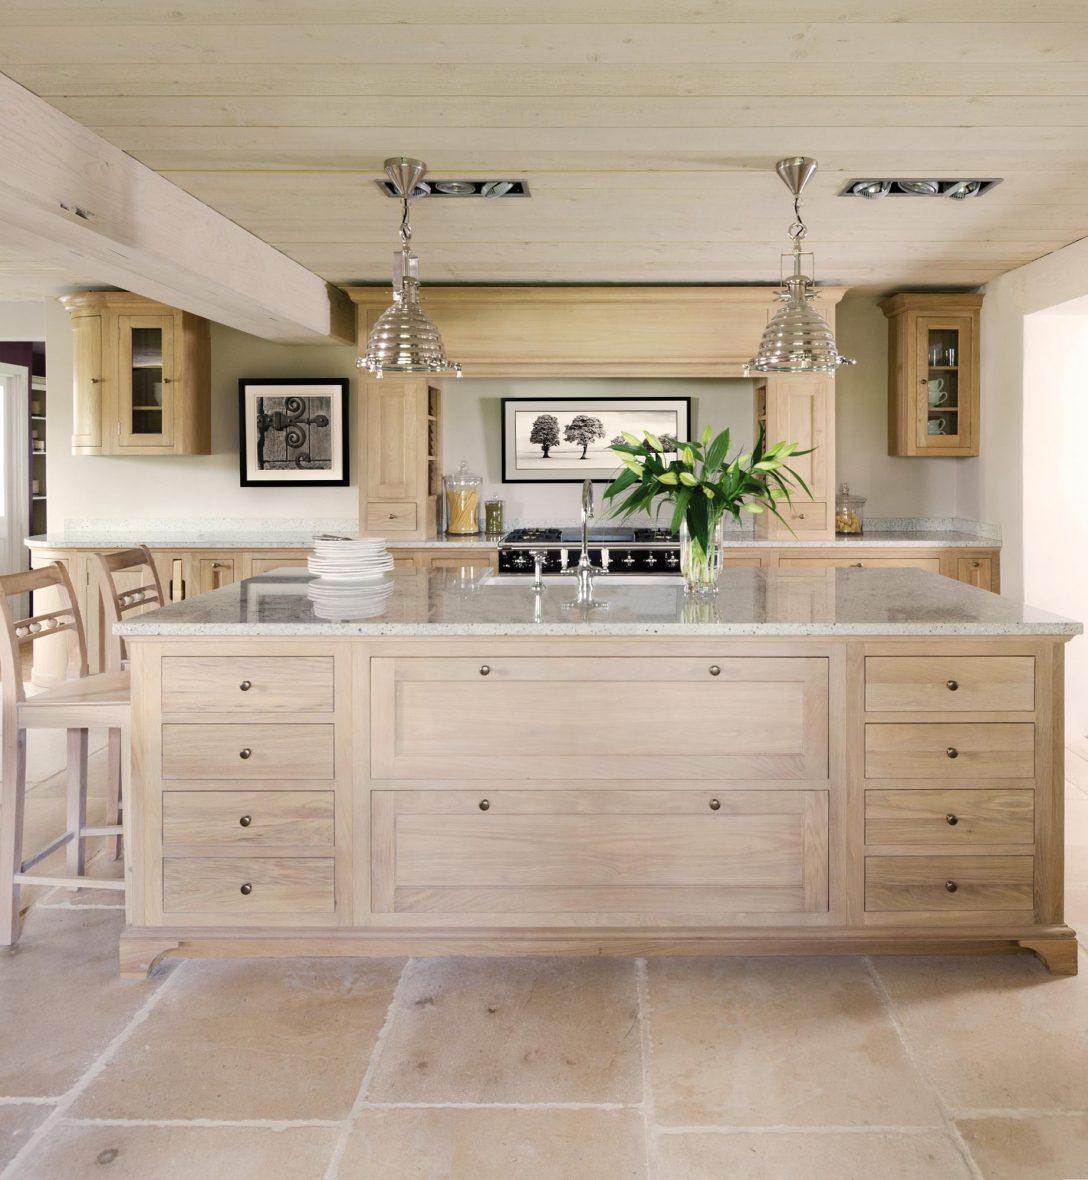 Large Size of Anrichte Küche Echtholz Anrichte Küche Ebay Kleinanzeigen Sideboard Küche Antik Anrichte Küche Selber Bauen Küche Anrichte Küche